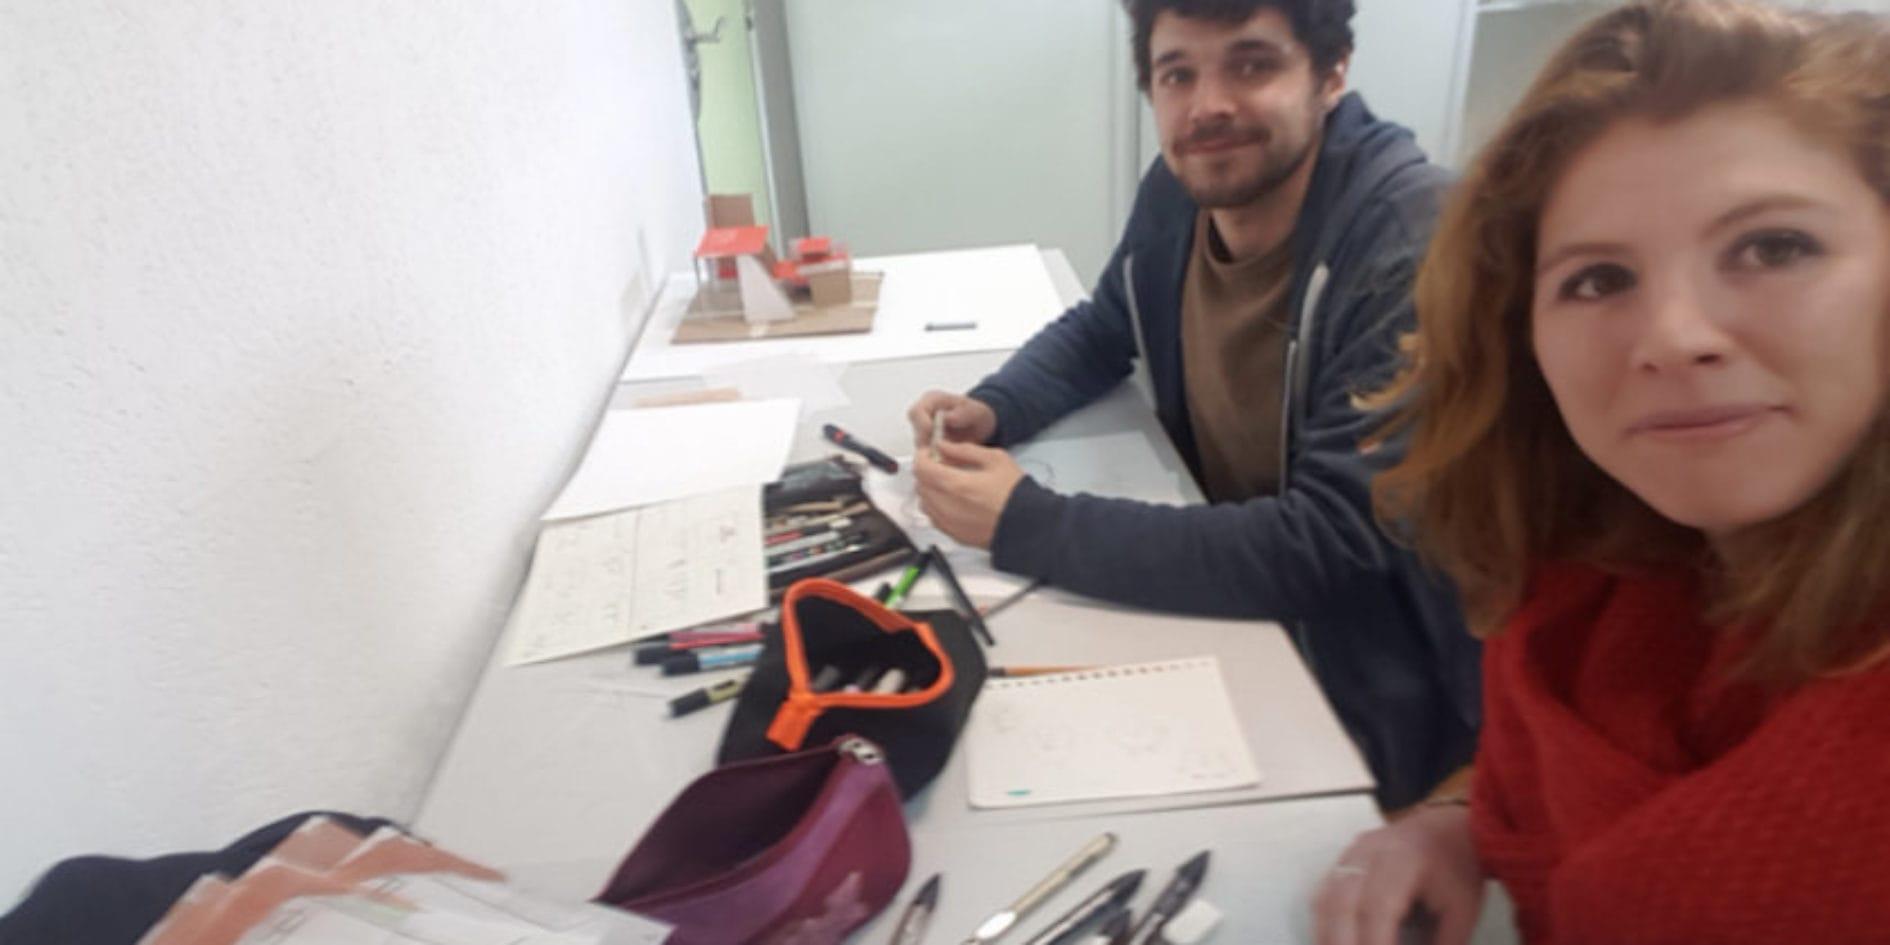 Leroy Merlin Saint Jean De Védas projet leroy-merlin par la section design & stratégie digitale